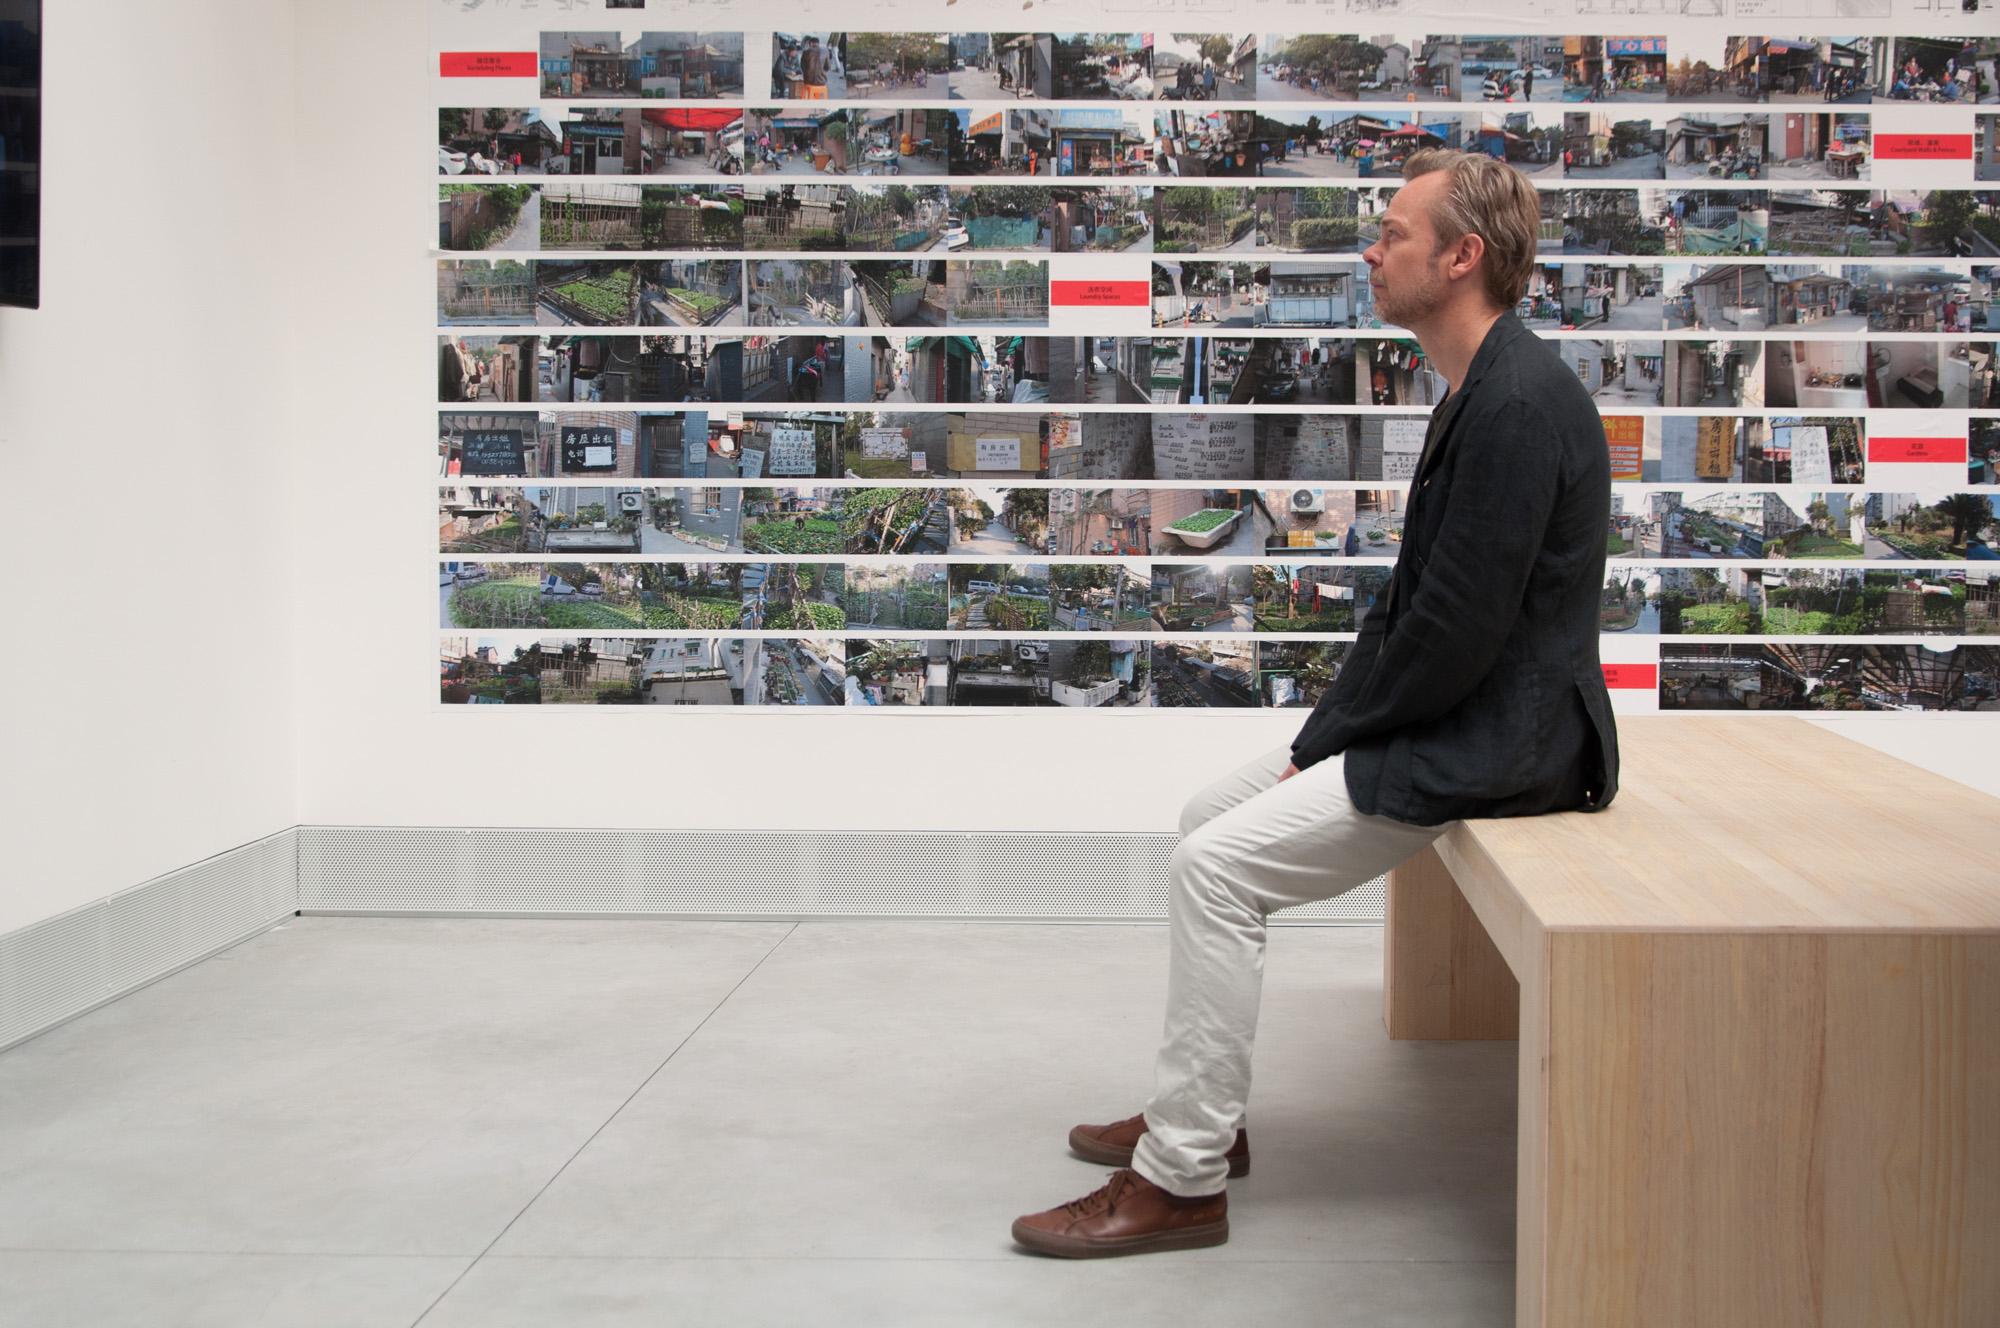 Biennale di Architettura di Venezia. Freespace Giardini 12. Photo Irene Fanizza